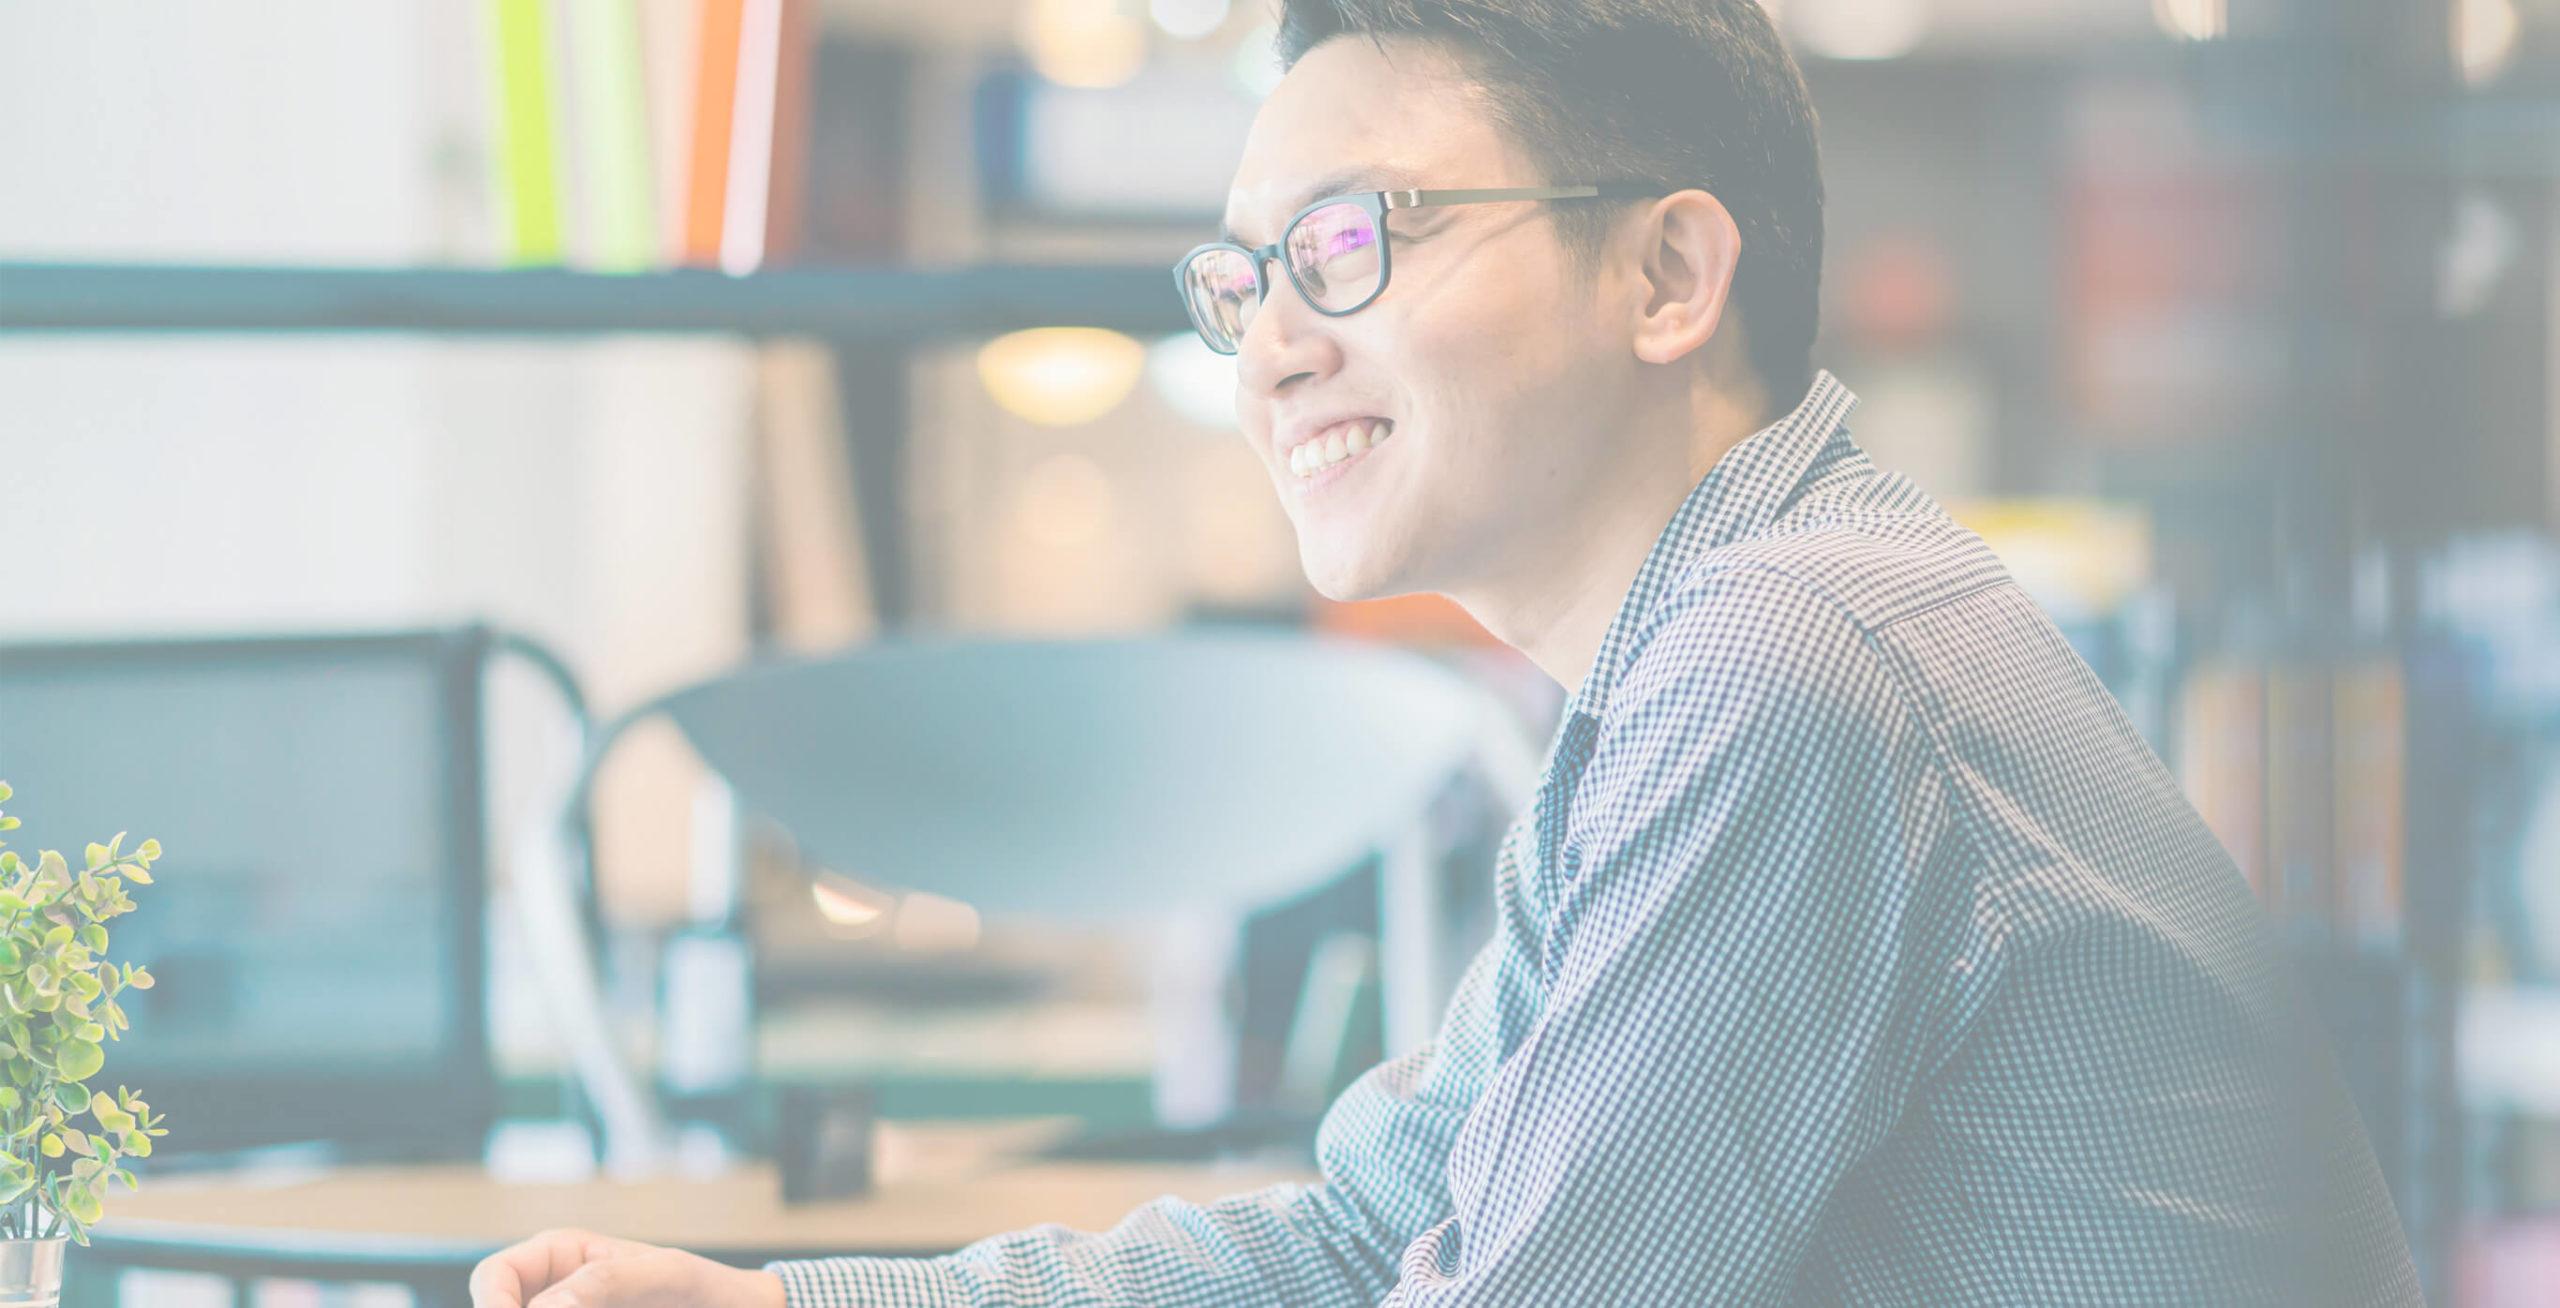 パソコンを操作する笑顔の男性